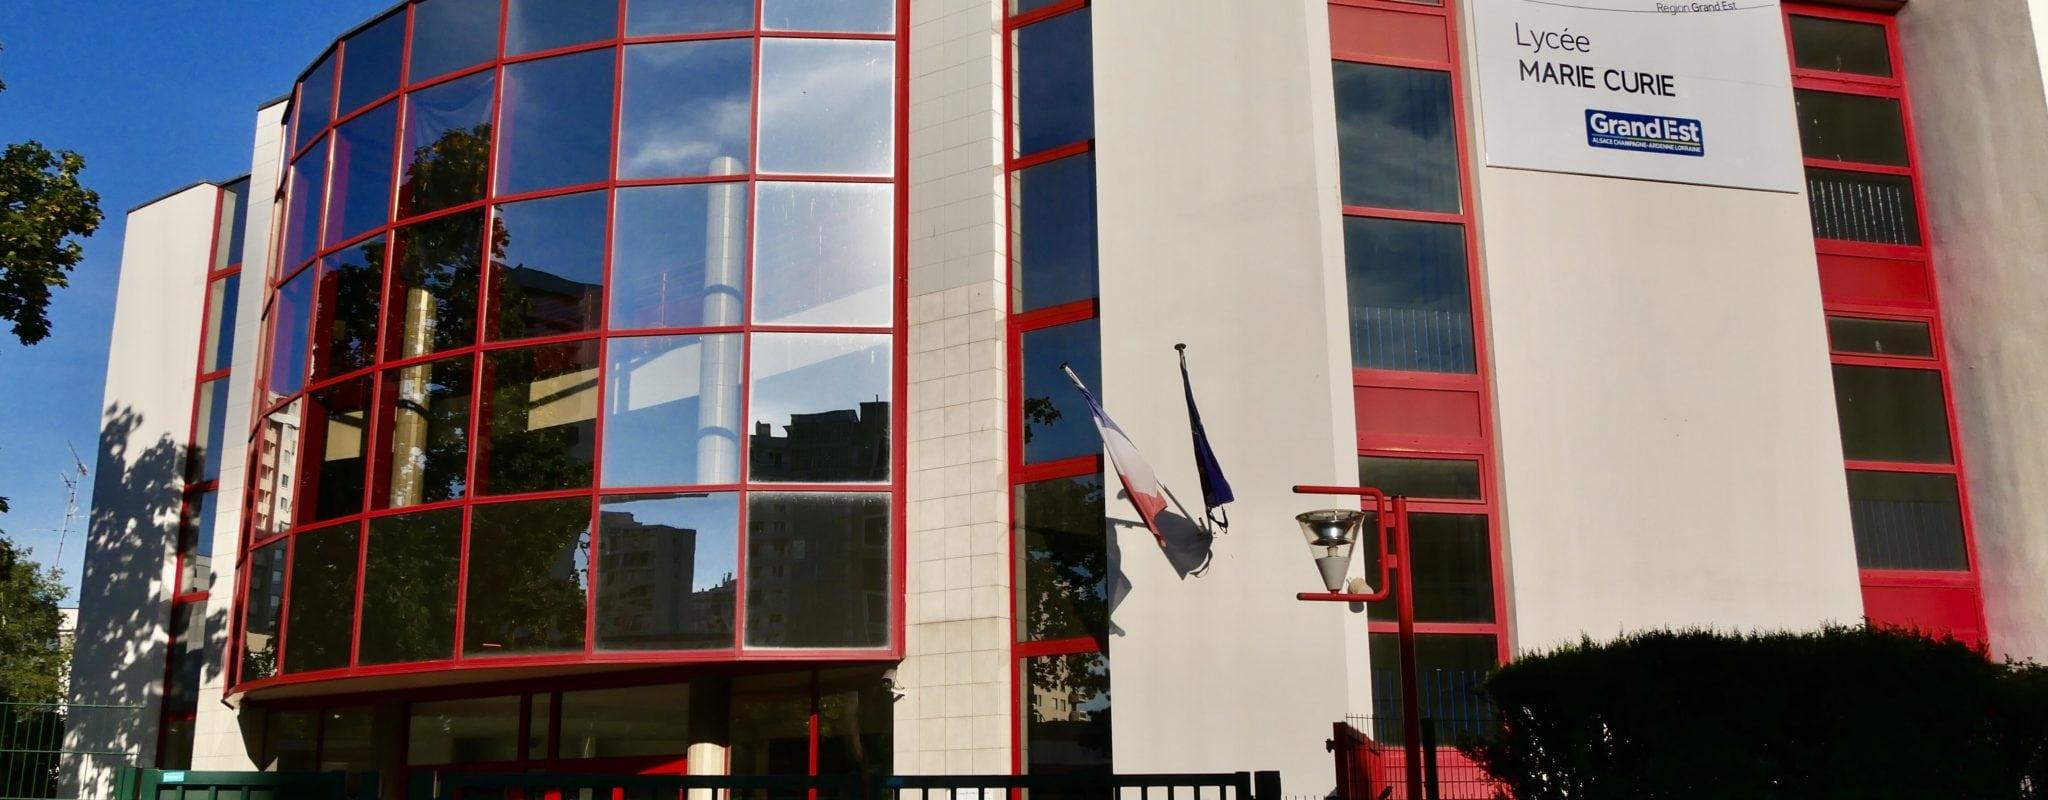 Un surveillant du lycée Marie Curie suspendu après avoir manifesté contre la réforme du baccalauréat